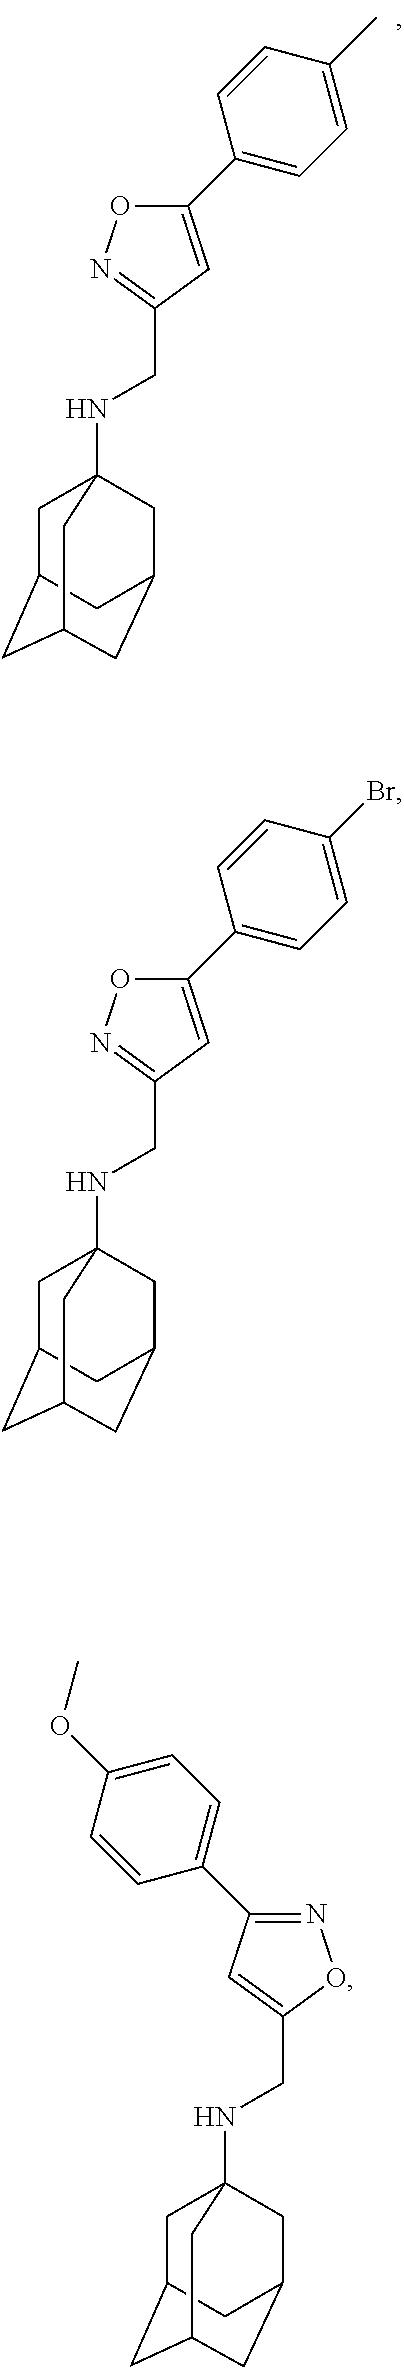 Figure US09884832-20180206-C00053